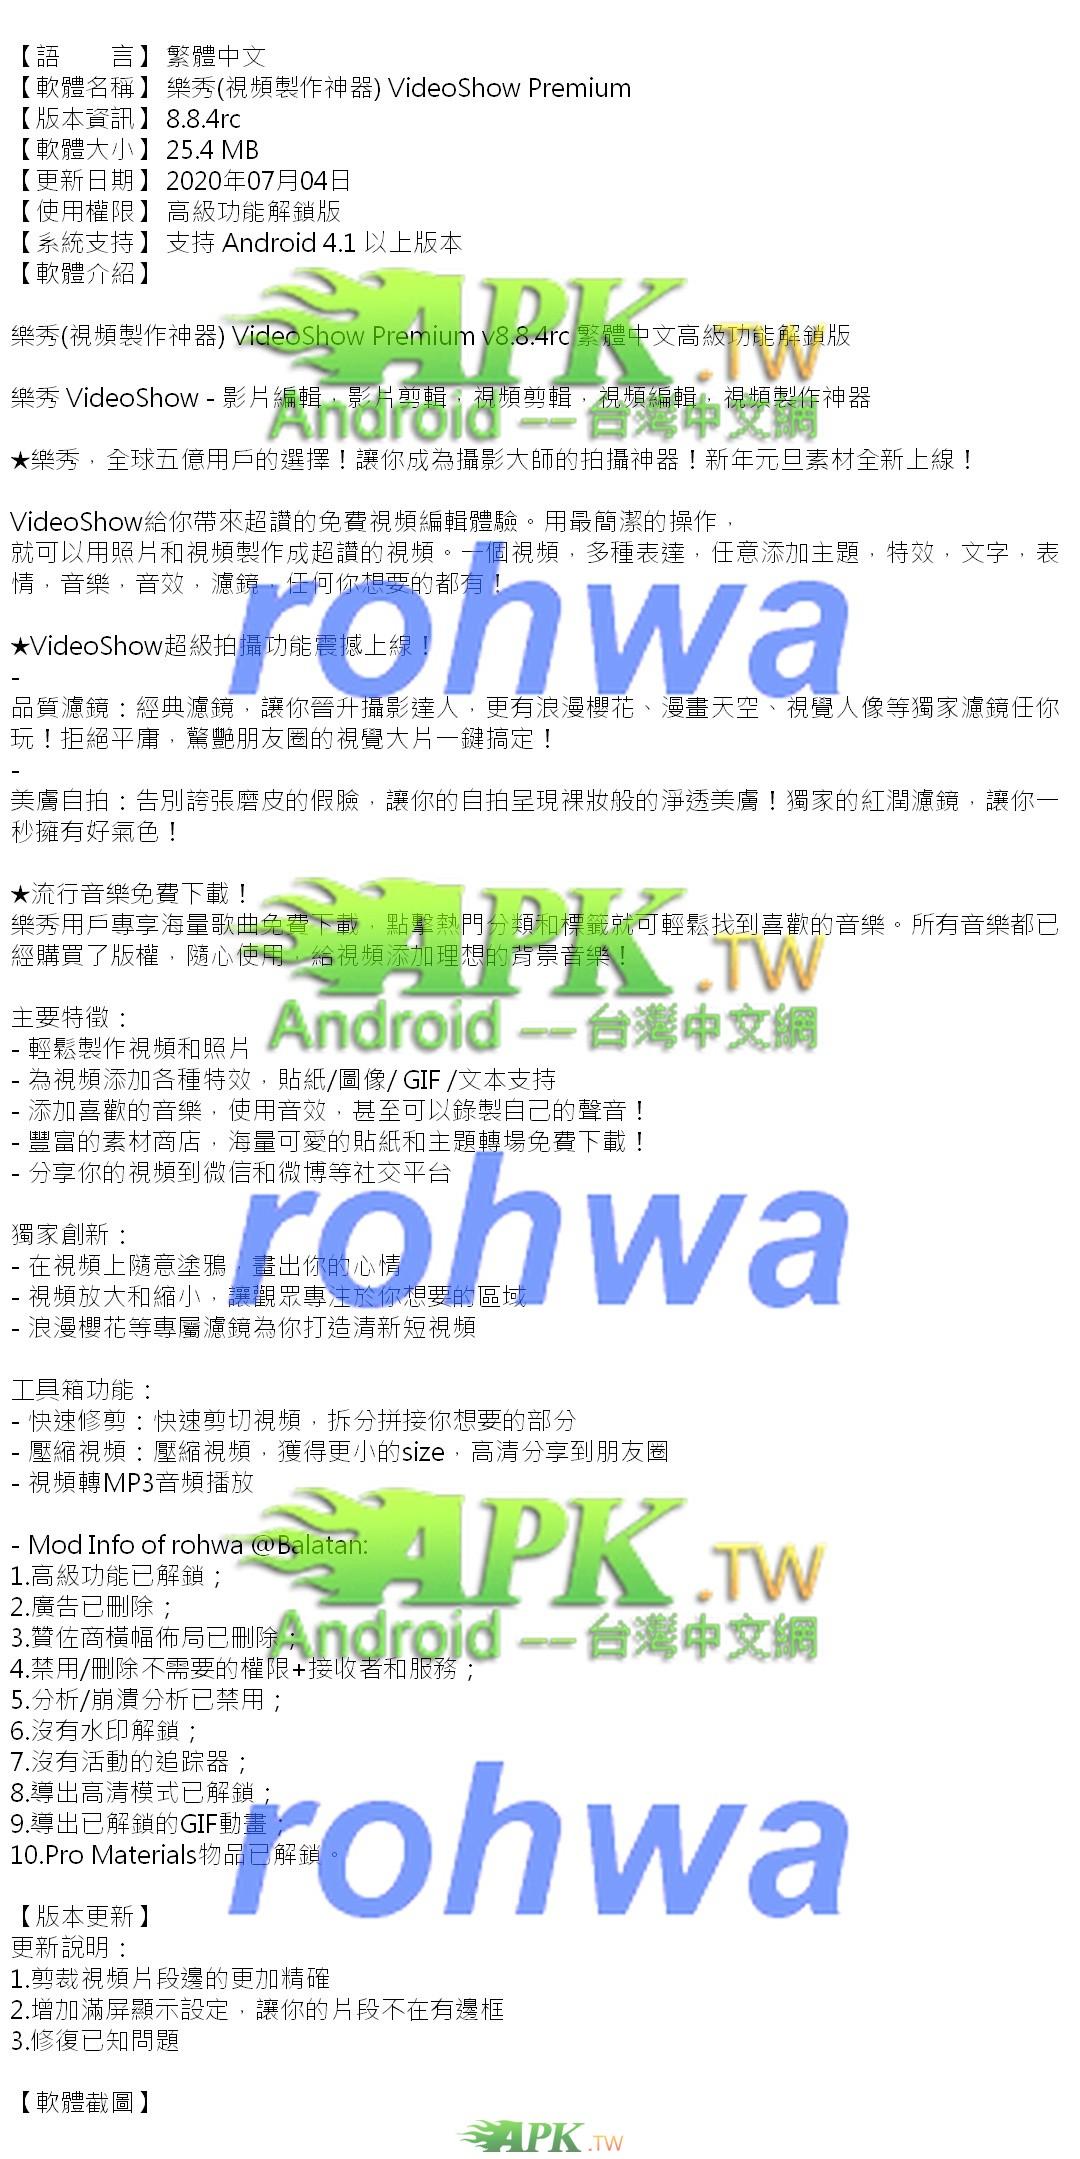 VideoShow_Premium_8.8.4rc_.jpg